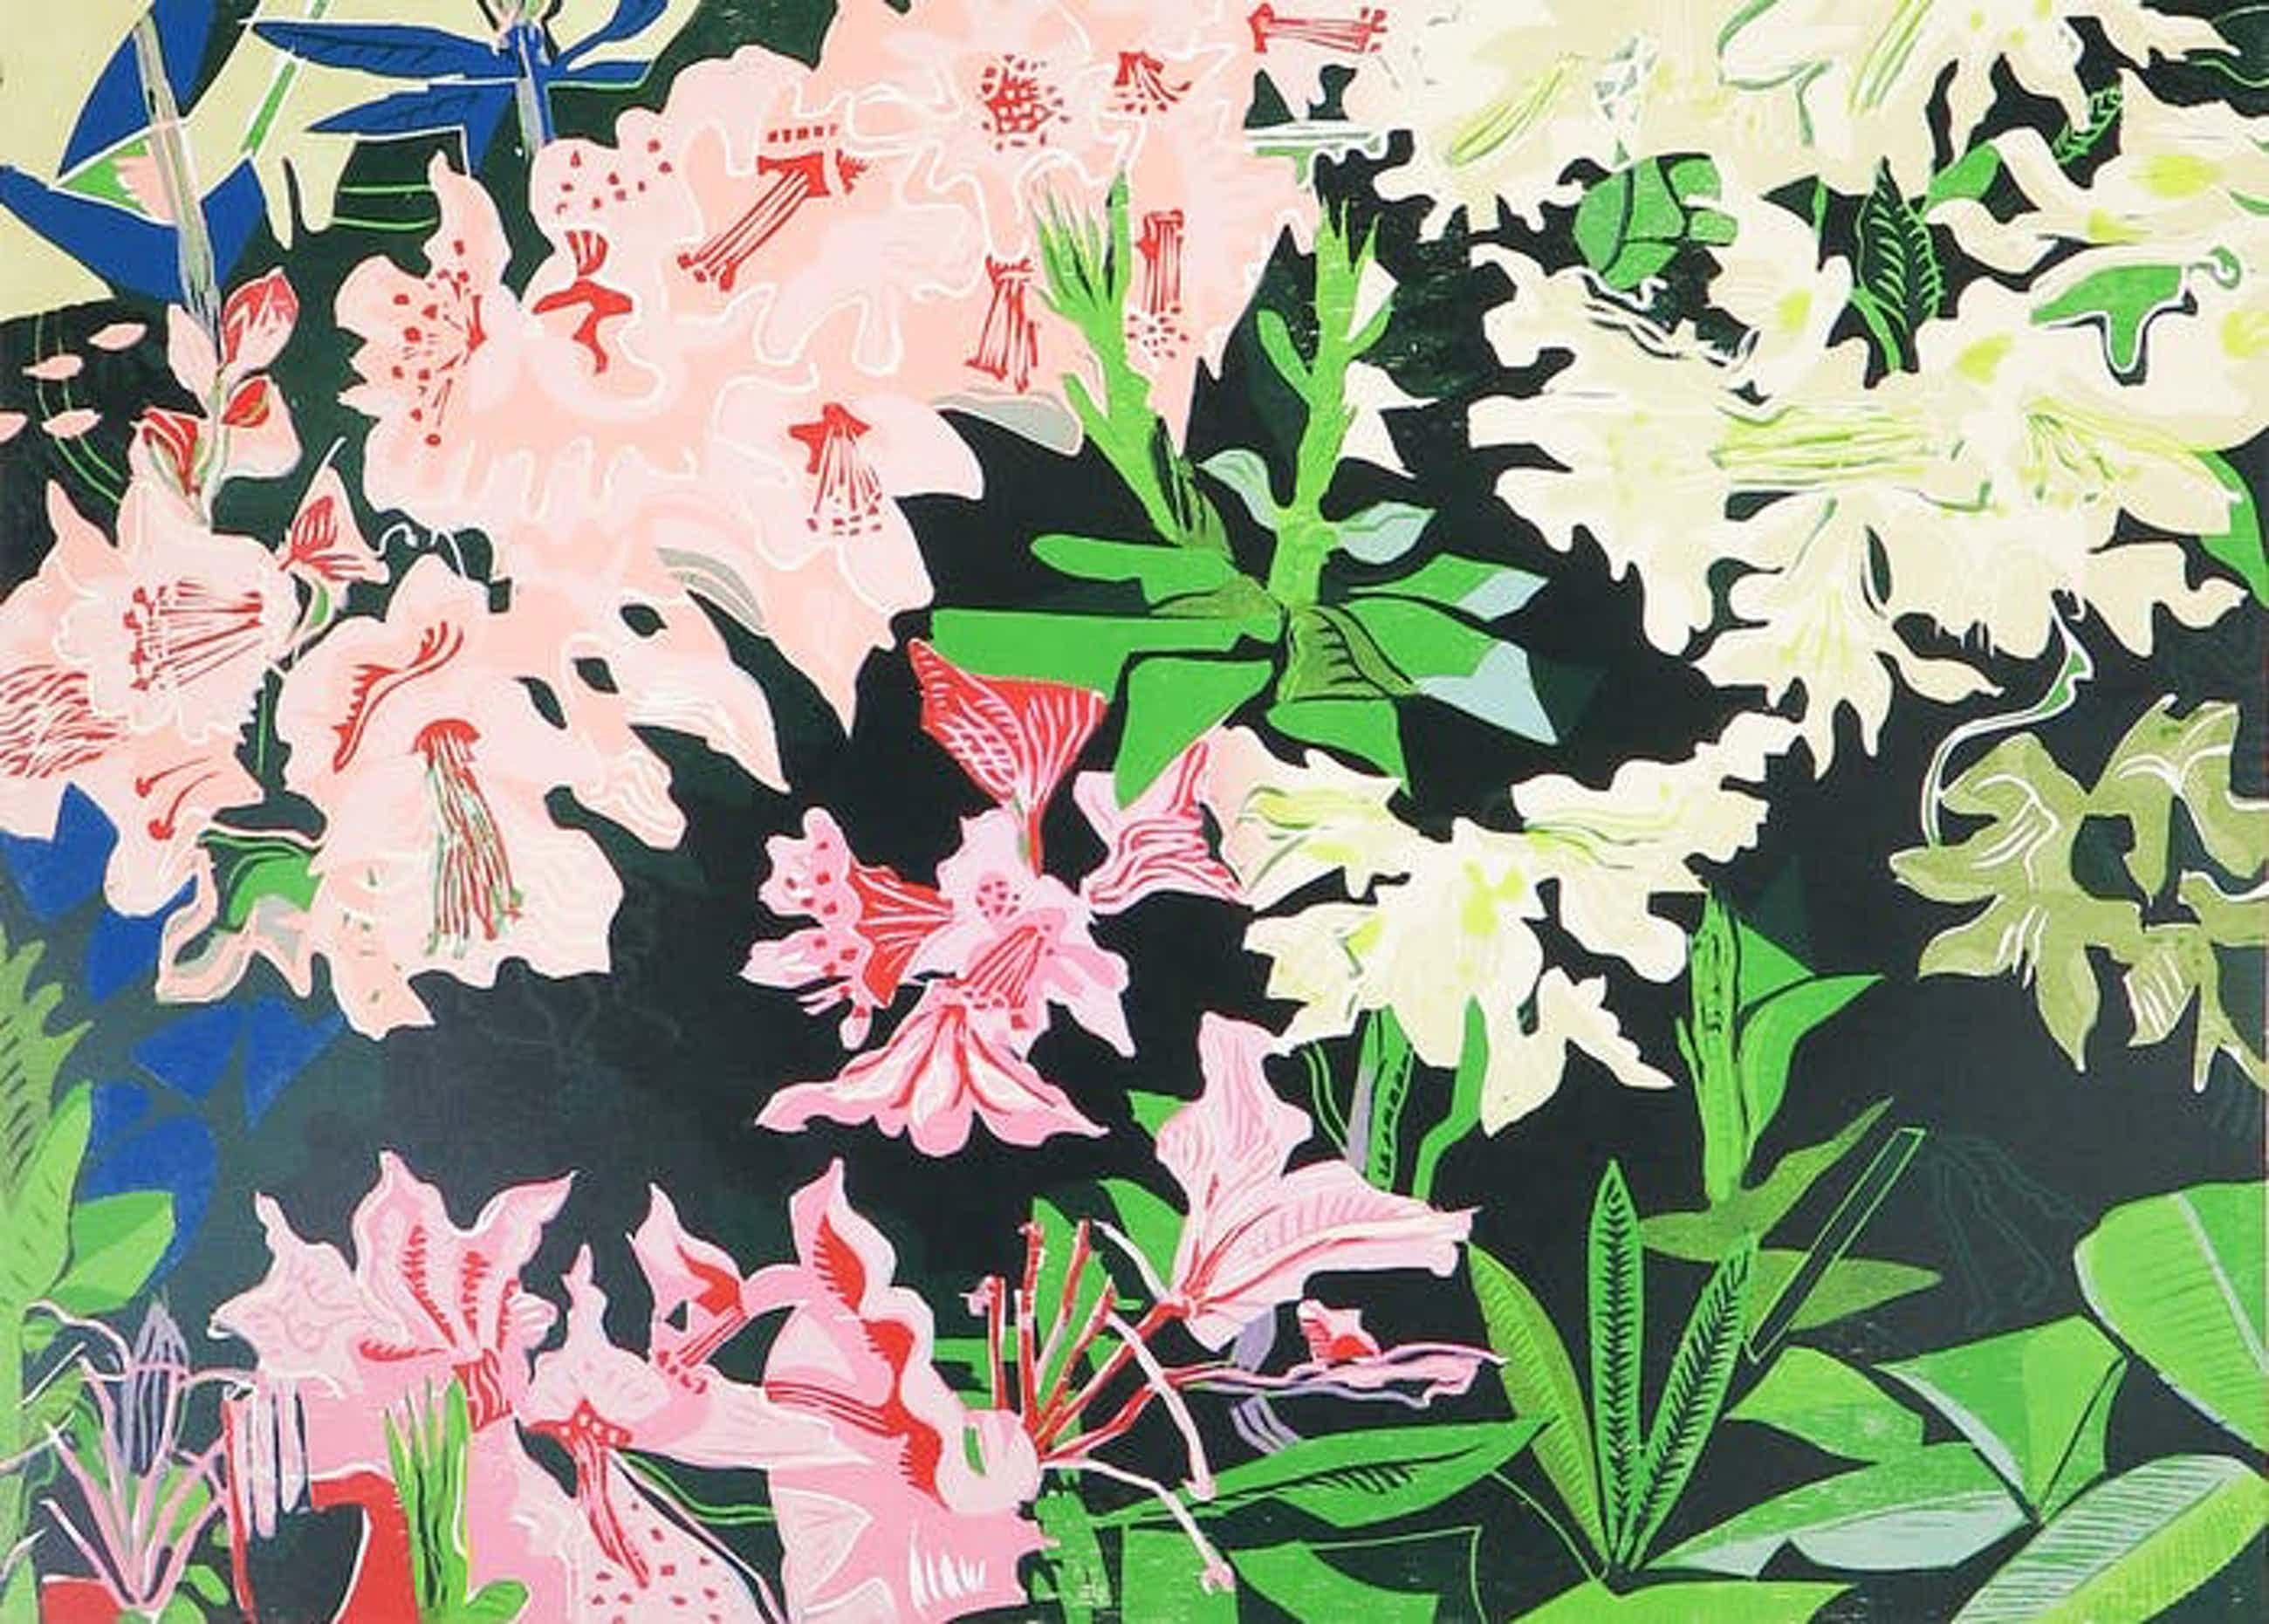 Vincent van Ojen - Houtsnede, Rhododendron kopen? Bied vanaf 60!